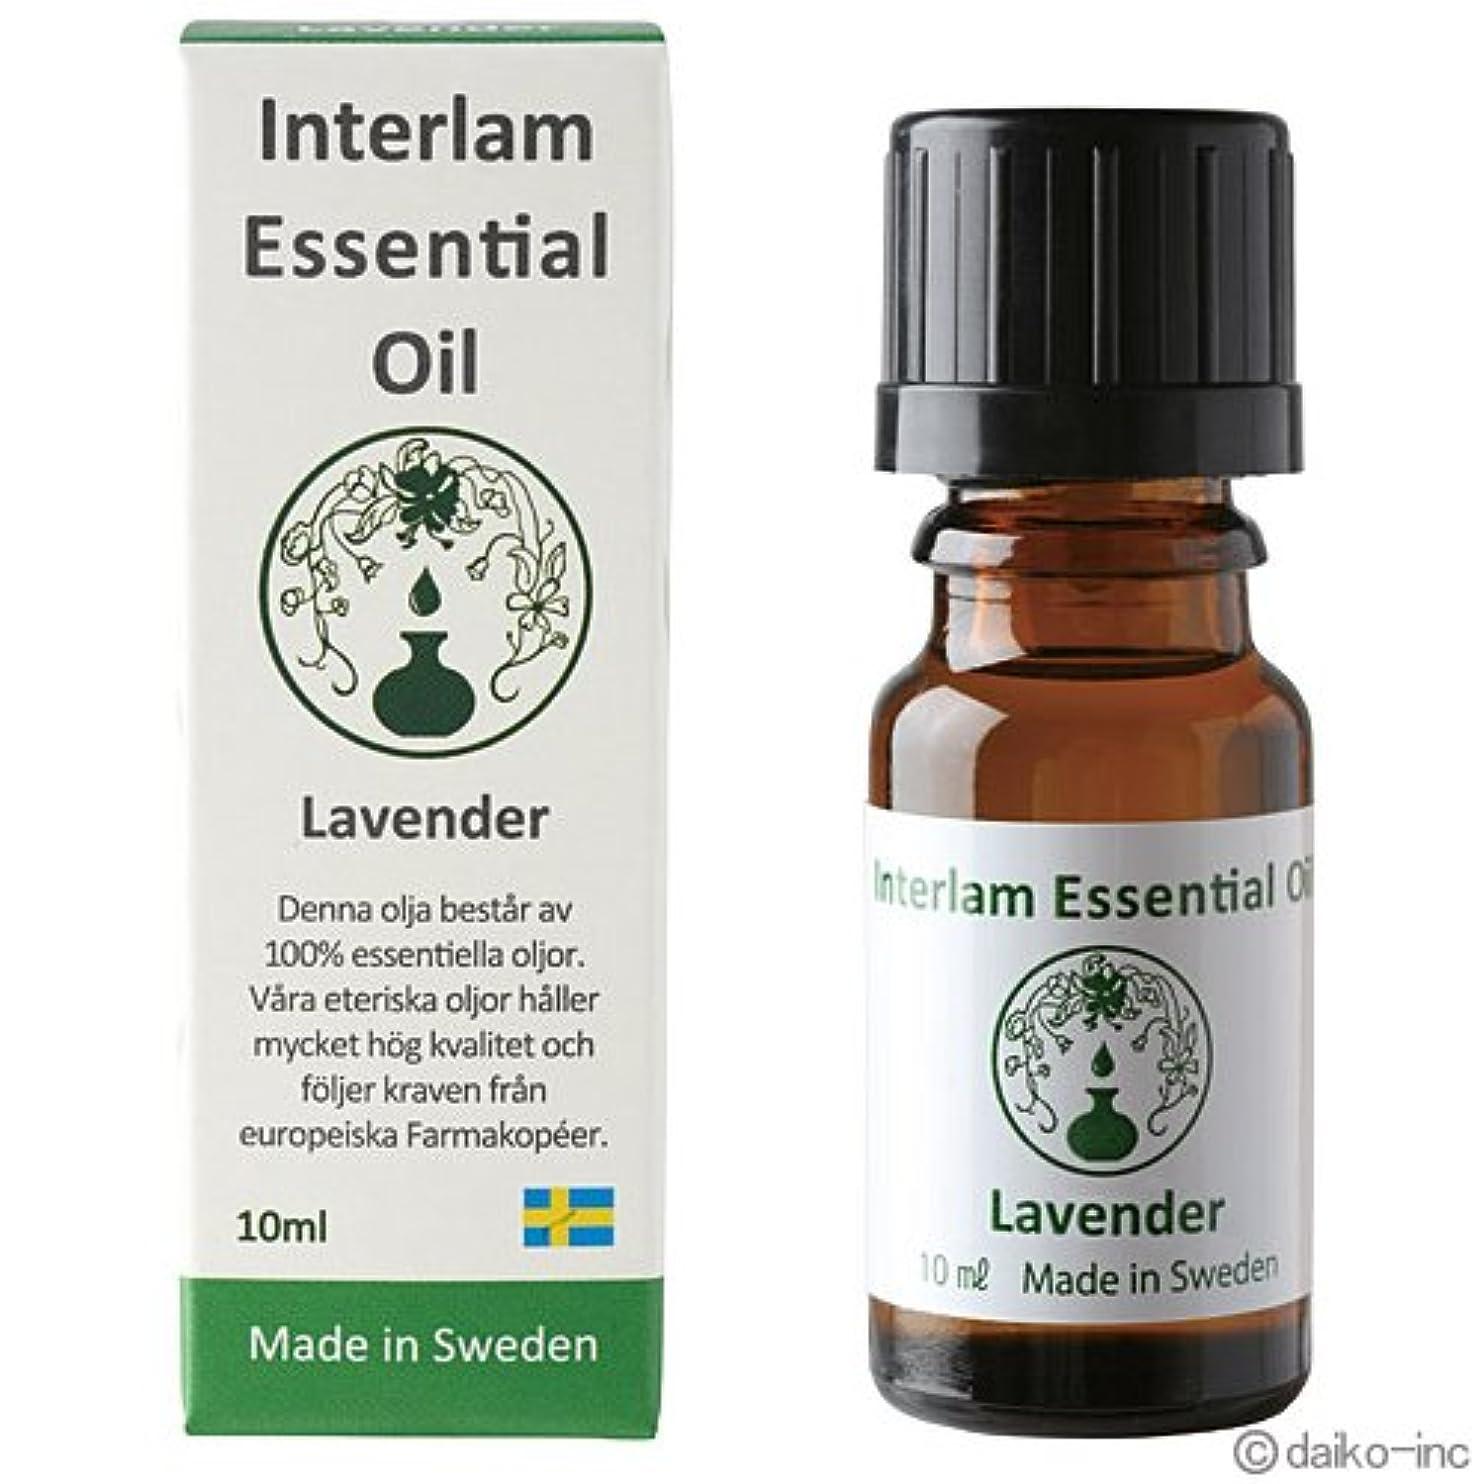 Interlam Essential Oil ラベンダー 10ml